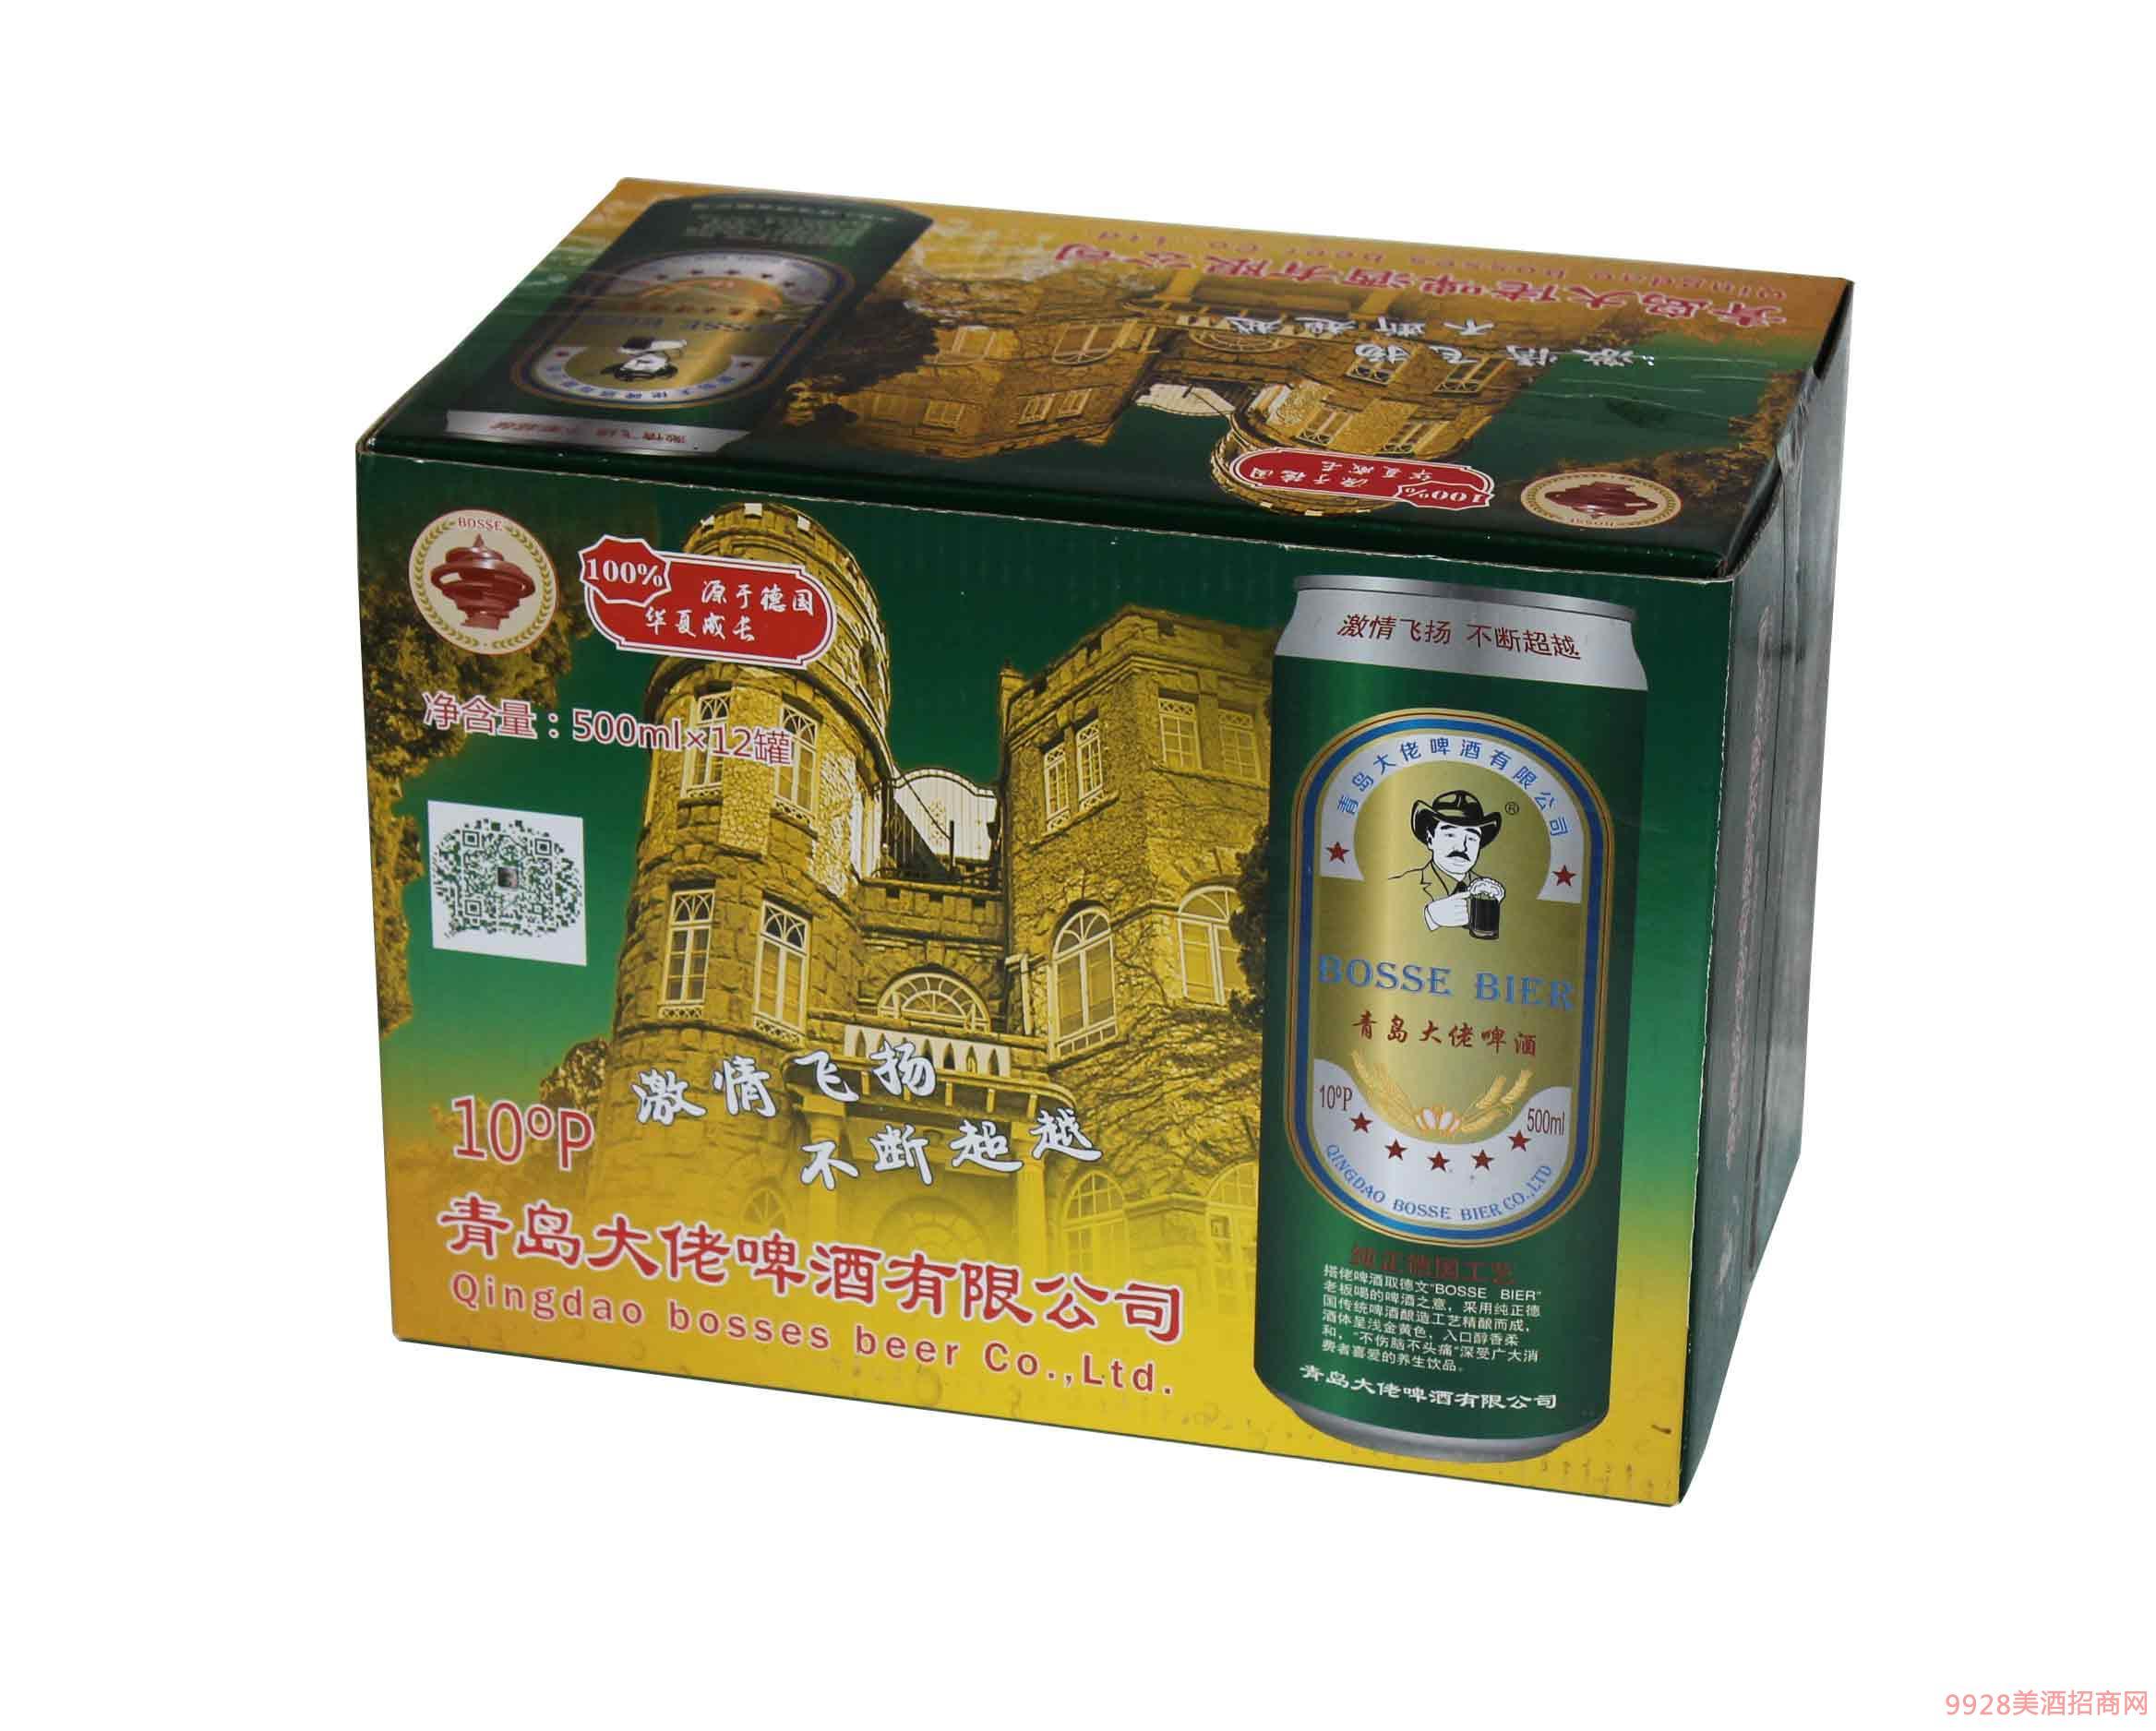 青岛大佬啤酒有限公司是一家主营精品500ml易拉罐啤酒,兼营330ml易拉罐与大、小瓶啤酒的生产销售一体化企业。公司成立于美丽的海滨城市青岛,致力于为消费者奉献高质量精品啤酒,目前拥有BOSSE BIER、 大佬等注册商标,授权山东省雪野啤酒有限公司生产,啤酒选用优质大麦、麦芽、上等啤酒花和软硬适度、洁净甘美、采自400米深井经反渗透处理后的纯净水为原料酿制而成。原麦汁浓度为十二度,酒精含量3.